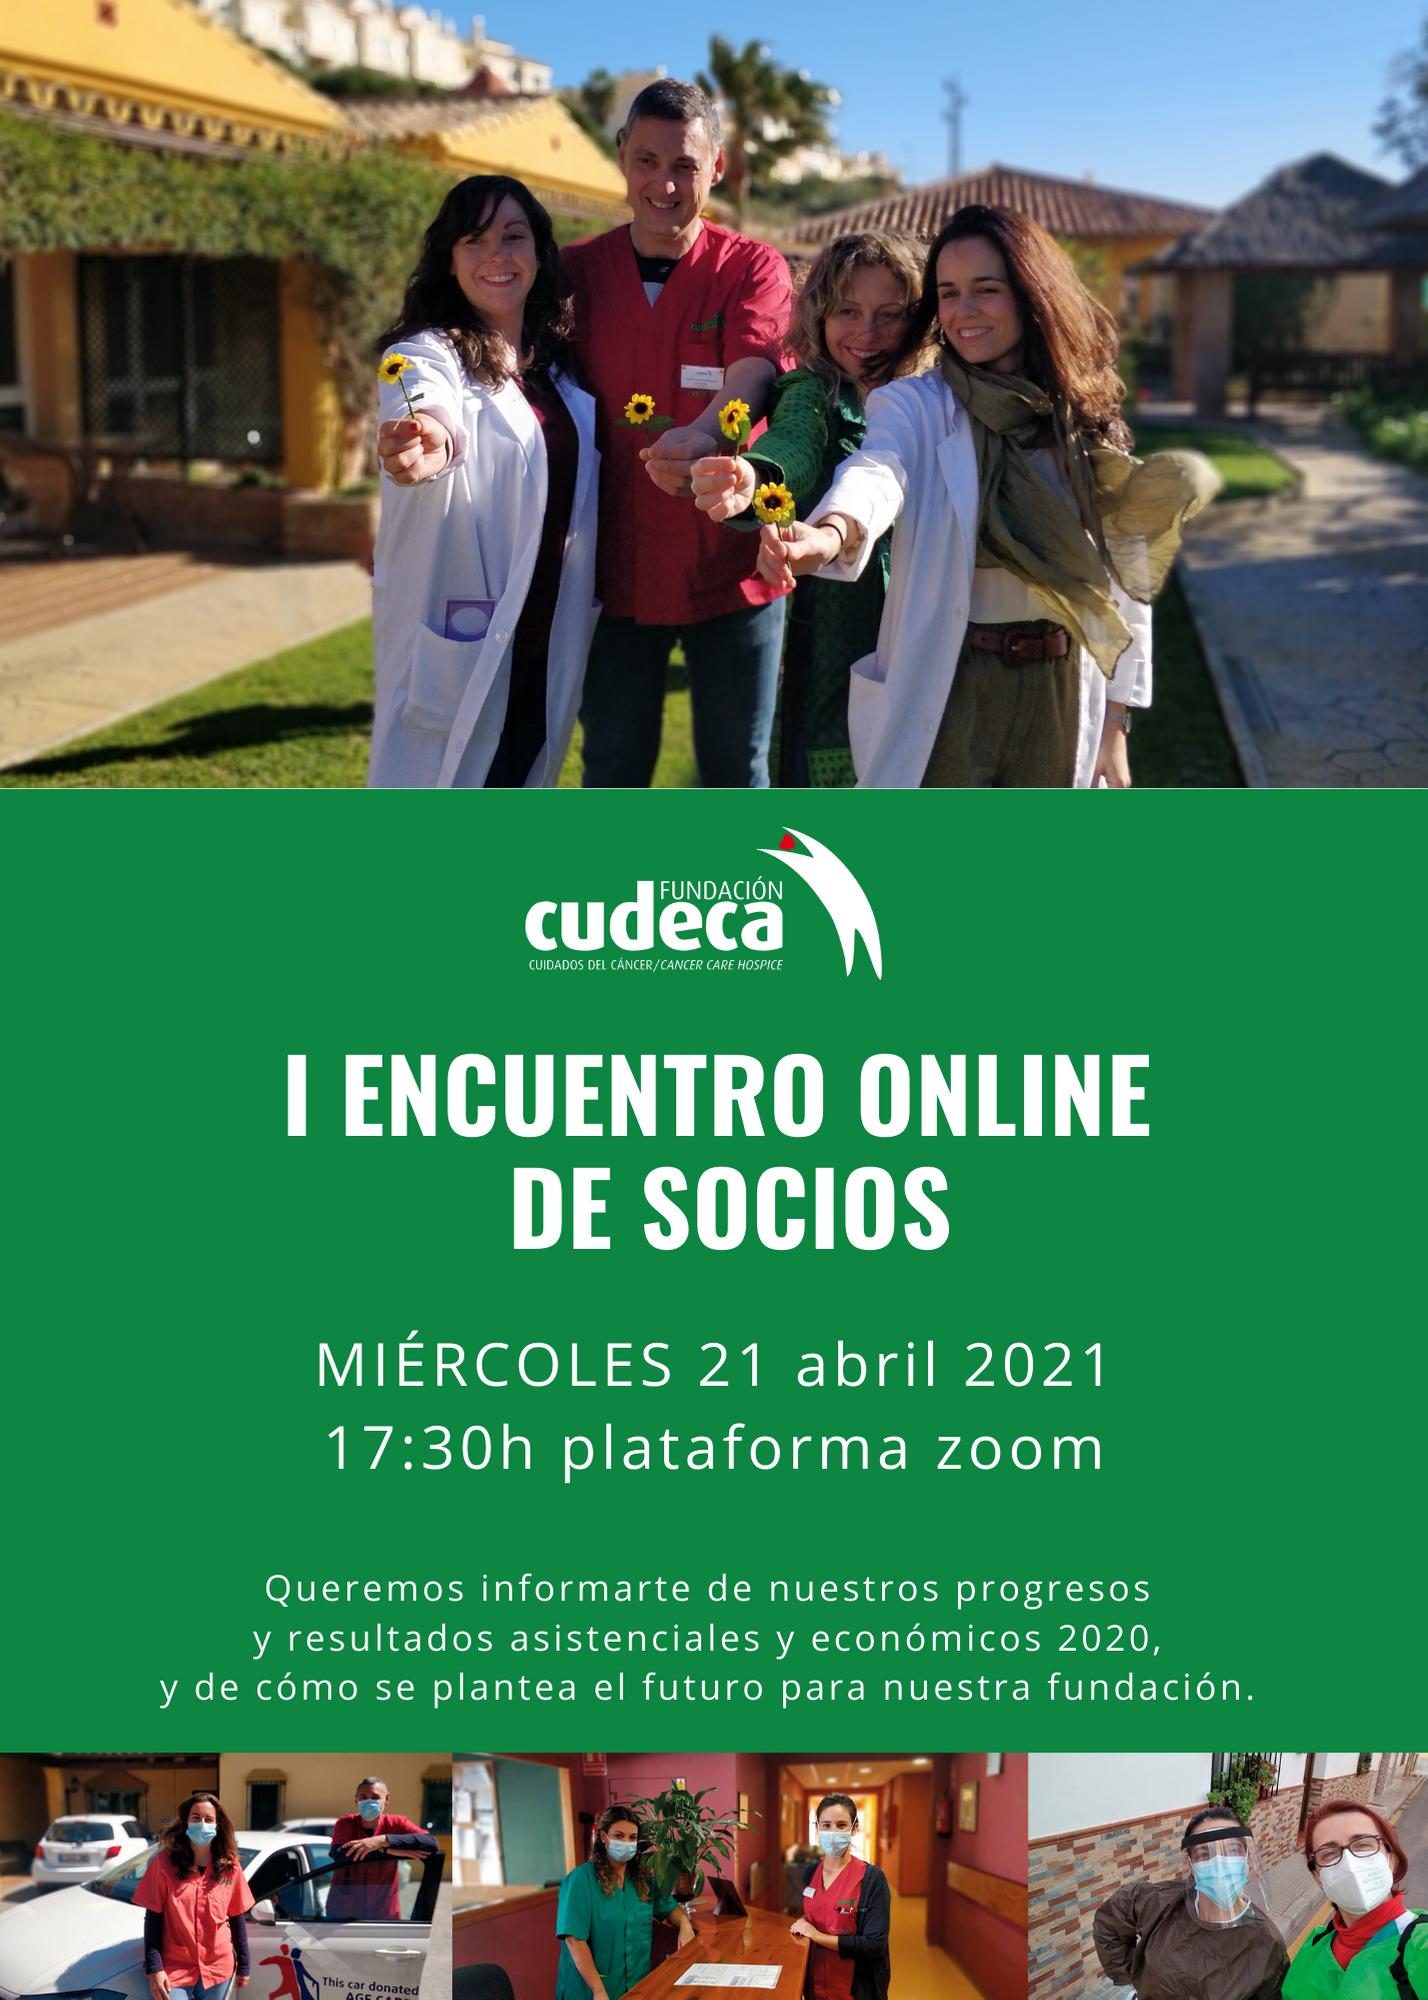 I Encuentro Online de Socios